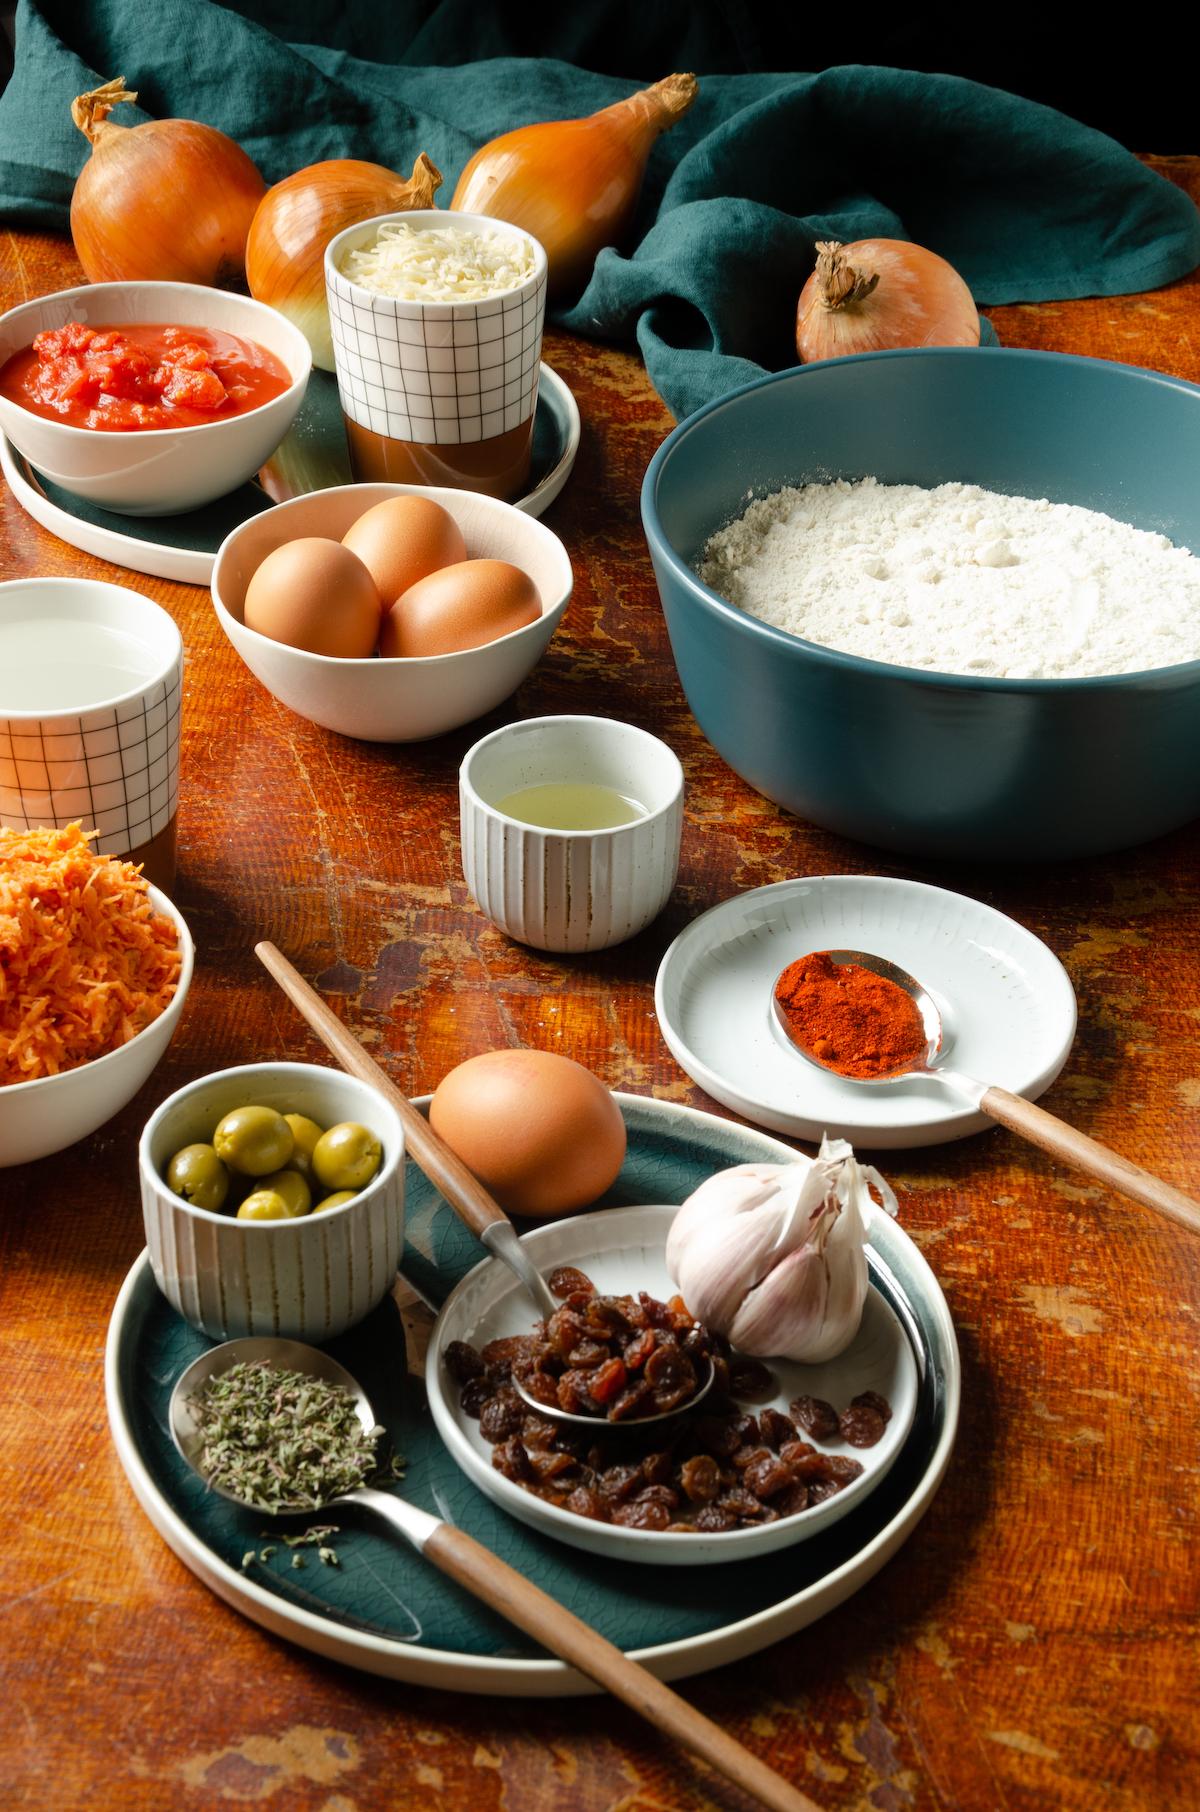 idée recette tapas espagnole végétarienne argentine